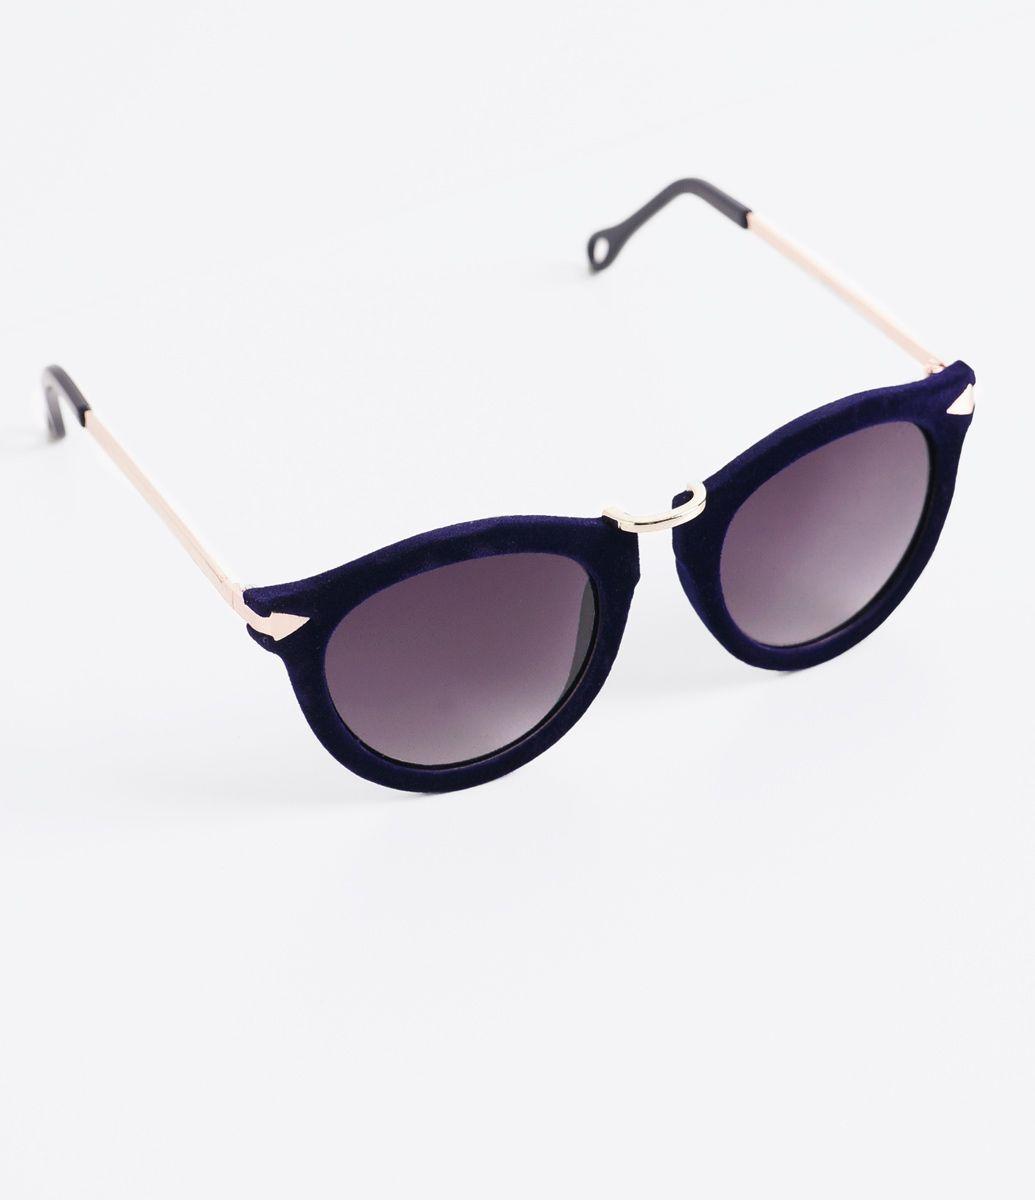 e26bf5725438c Óculos de sol Modelo redondo Hastes em acetato Lentes em acrílico degradê  Efeito aveludado Proteção contra raios UVA   UVB Acompanha um estojo e  flanela de ...